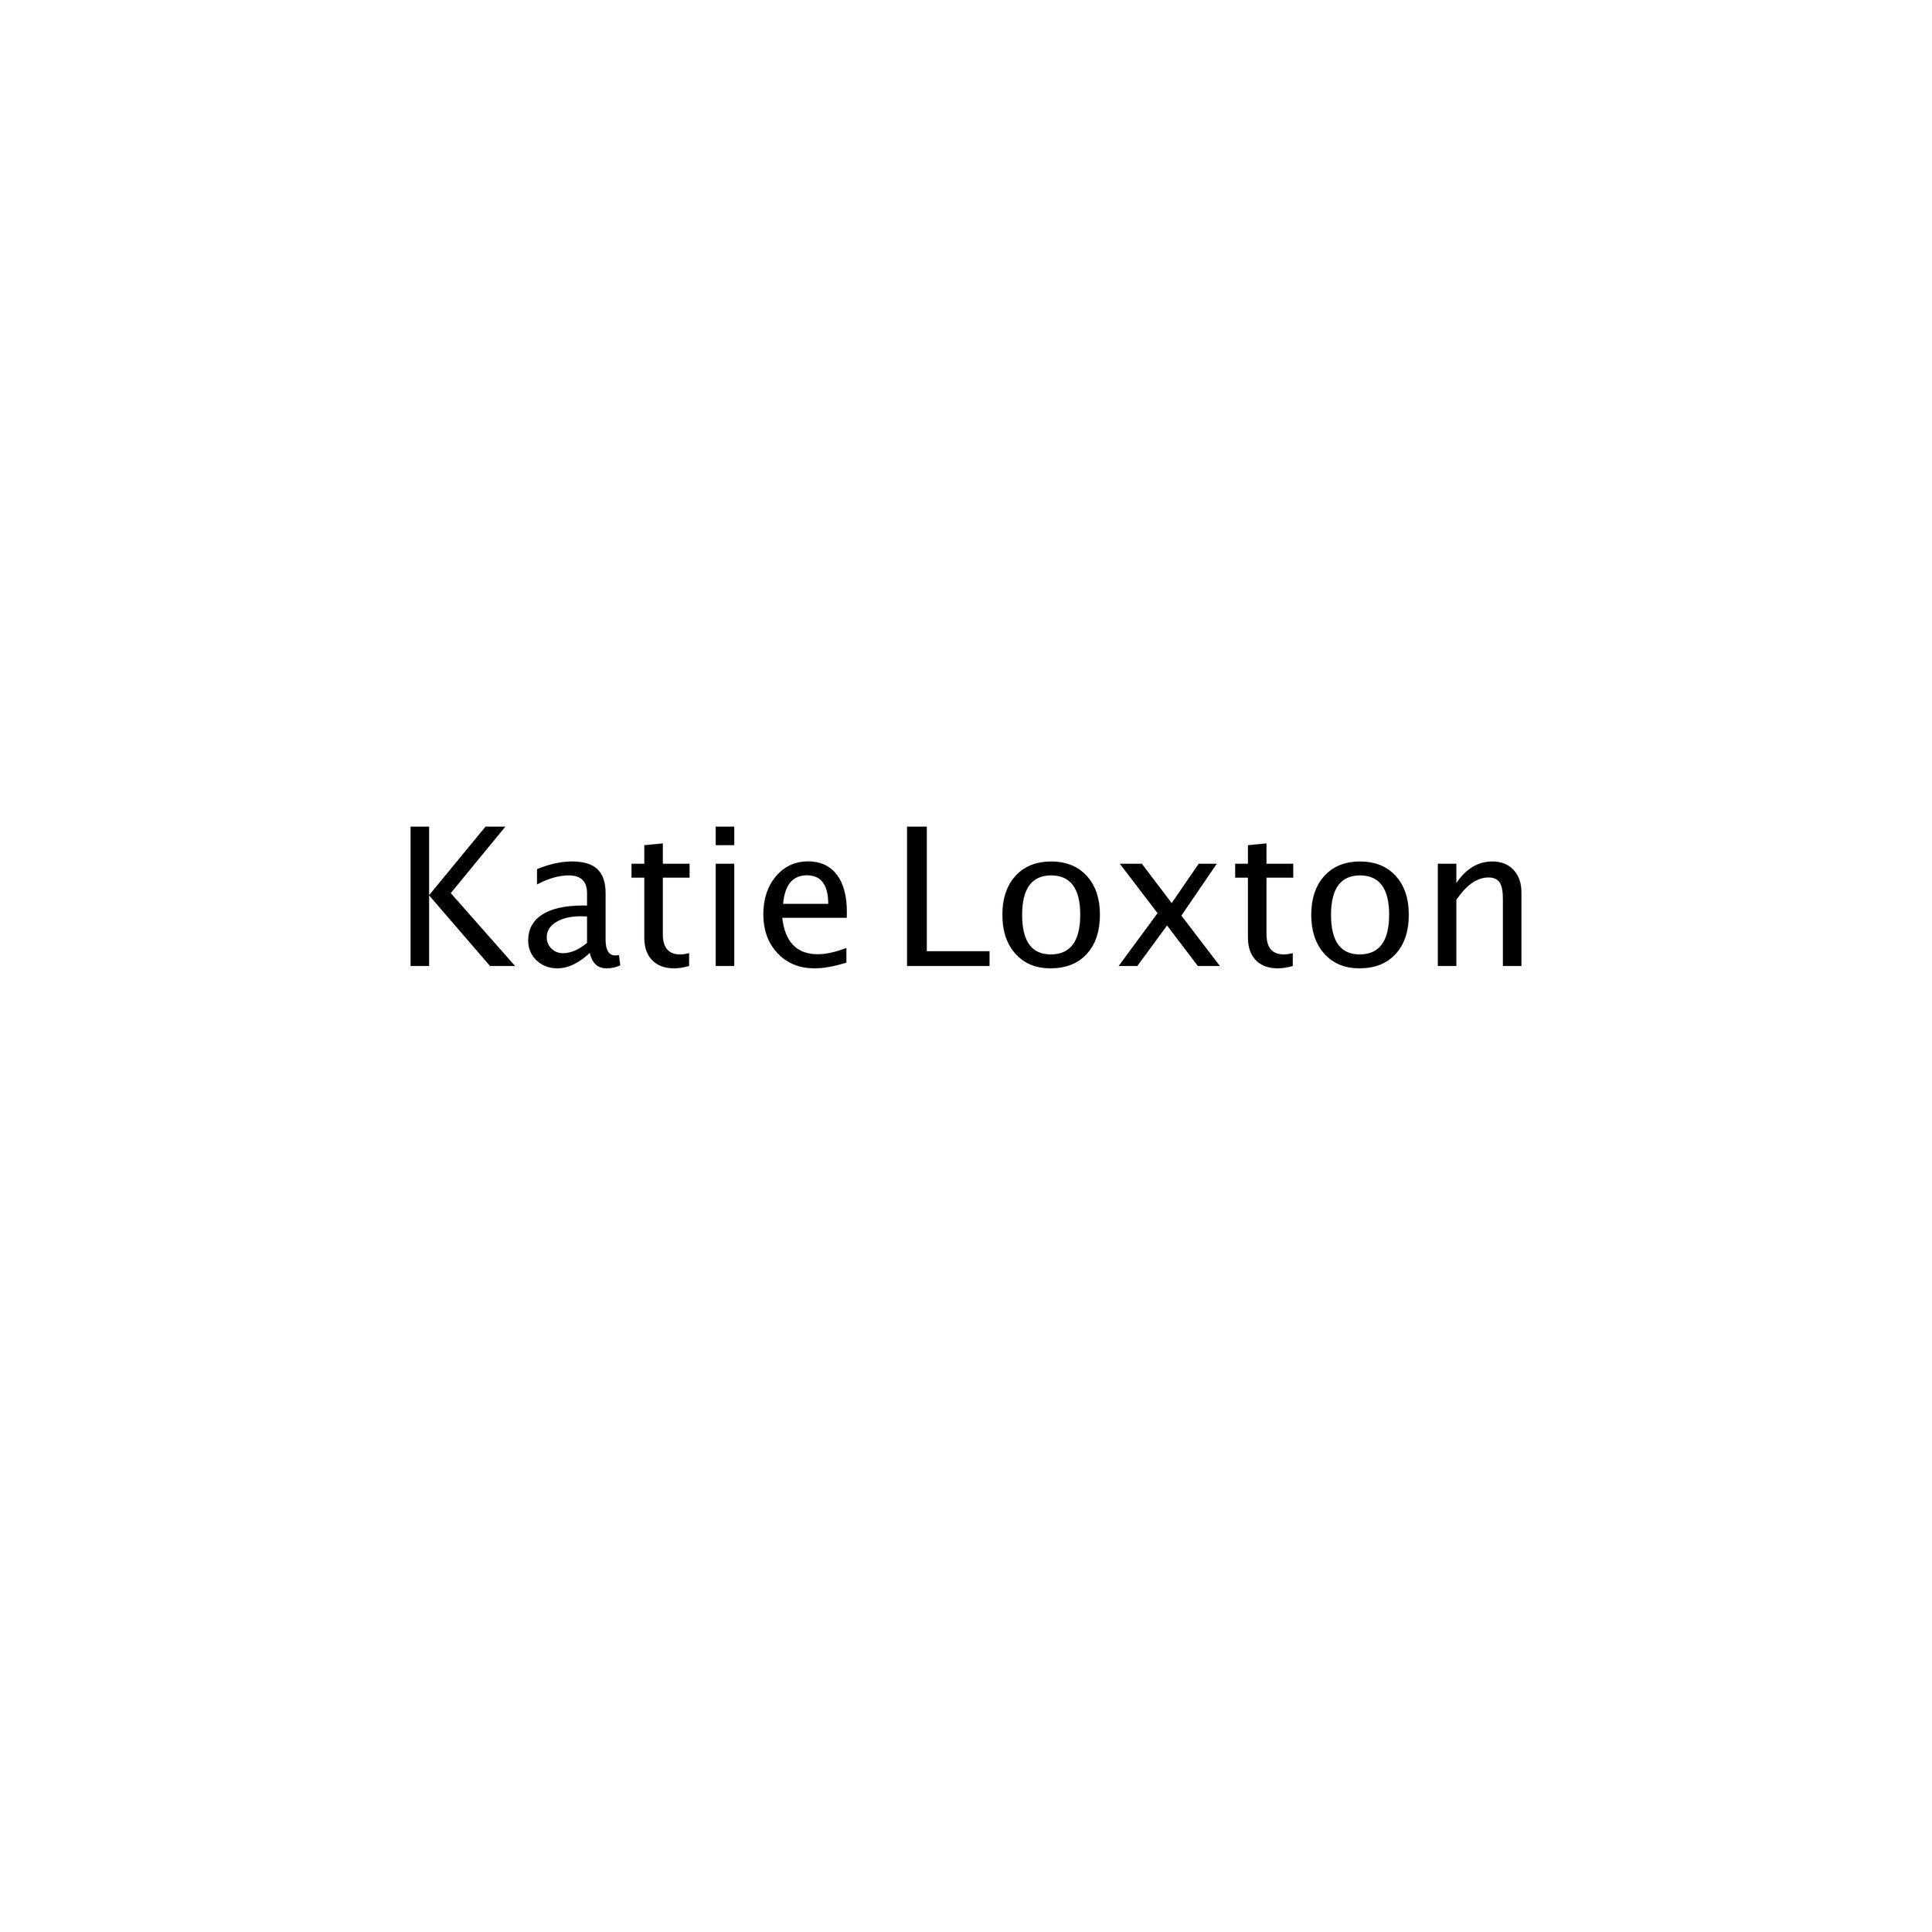 Send a Box - Send a Gift - Katie Loxton